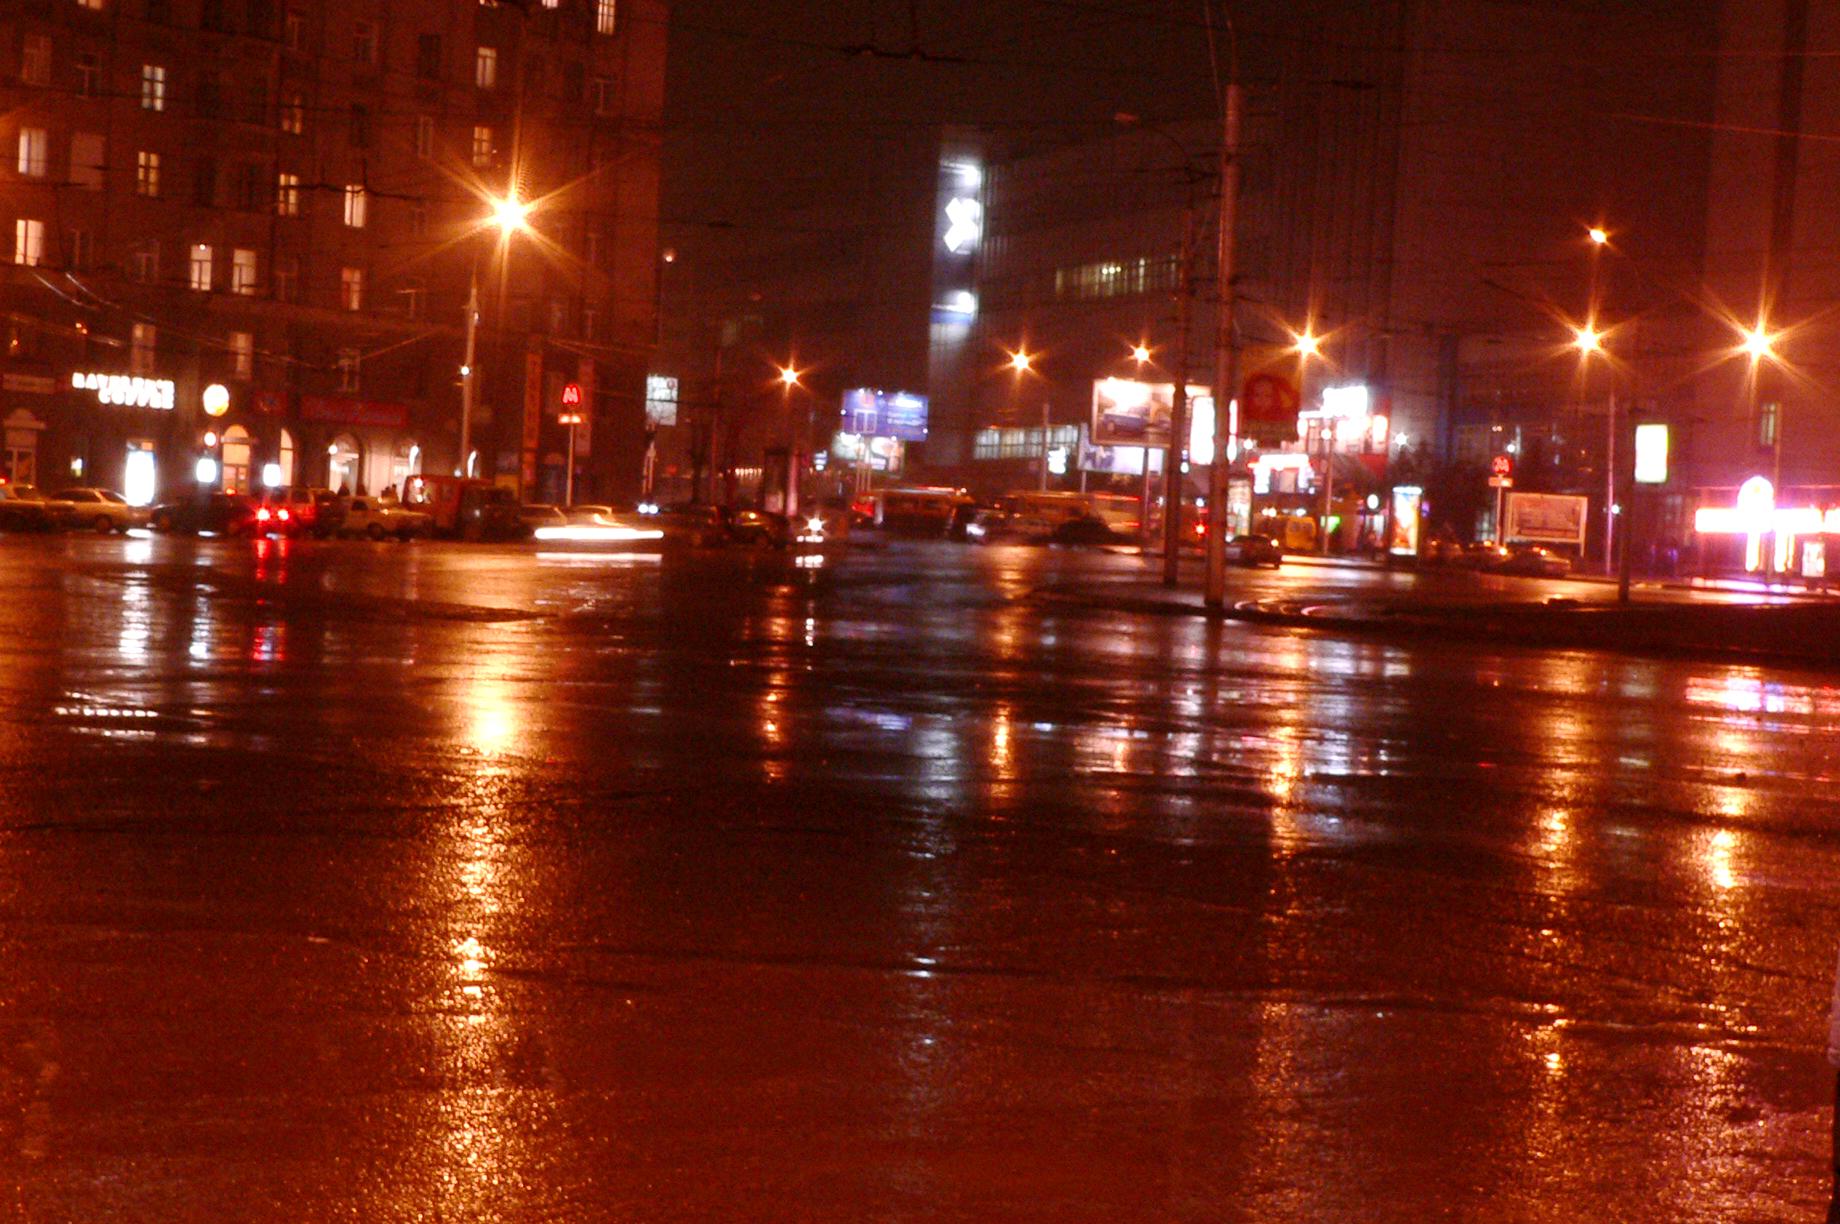 Съемка-в-дождь-ночь-в-городе